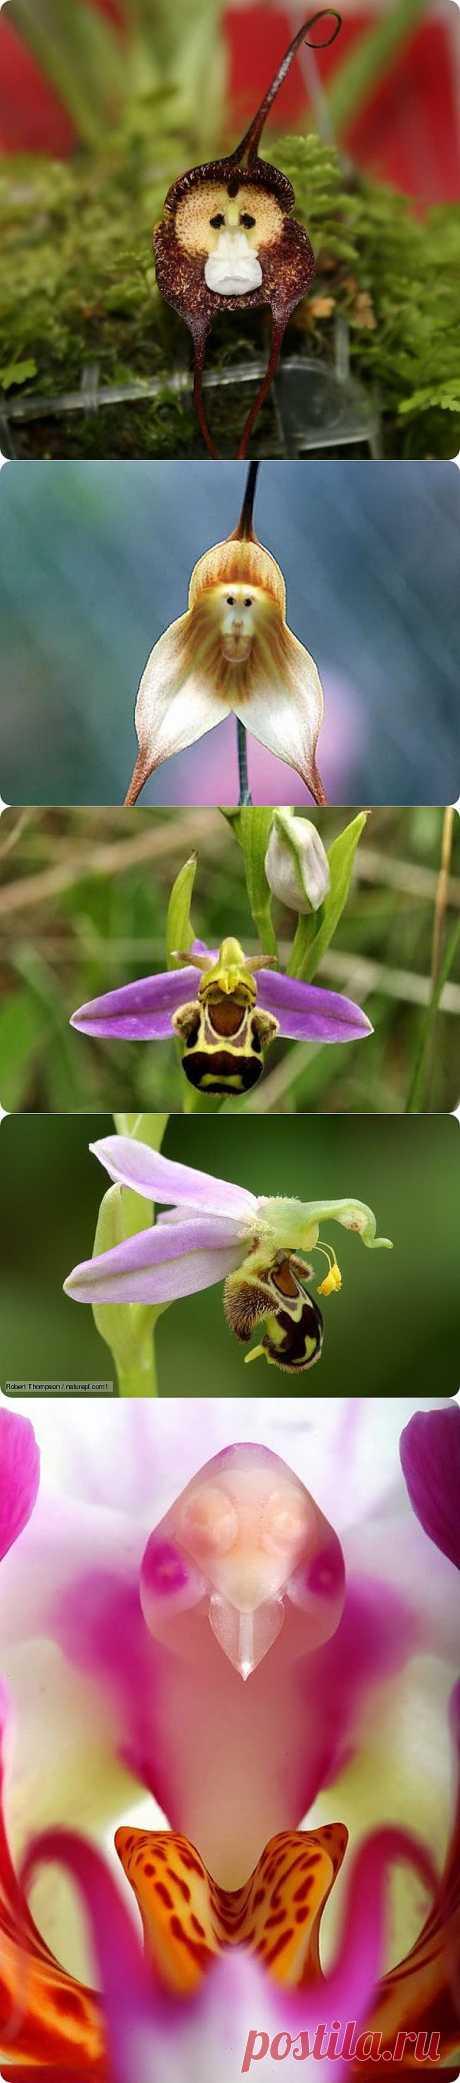 Шесть удивительных орхидей, похожих на животных | ZooPicture.ru